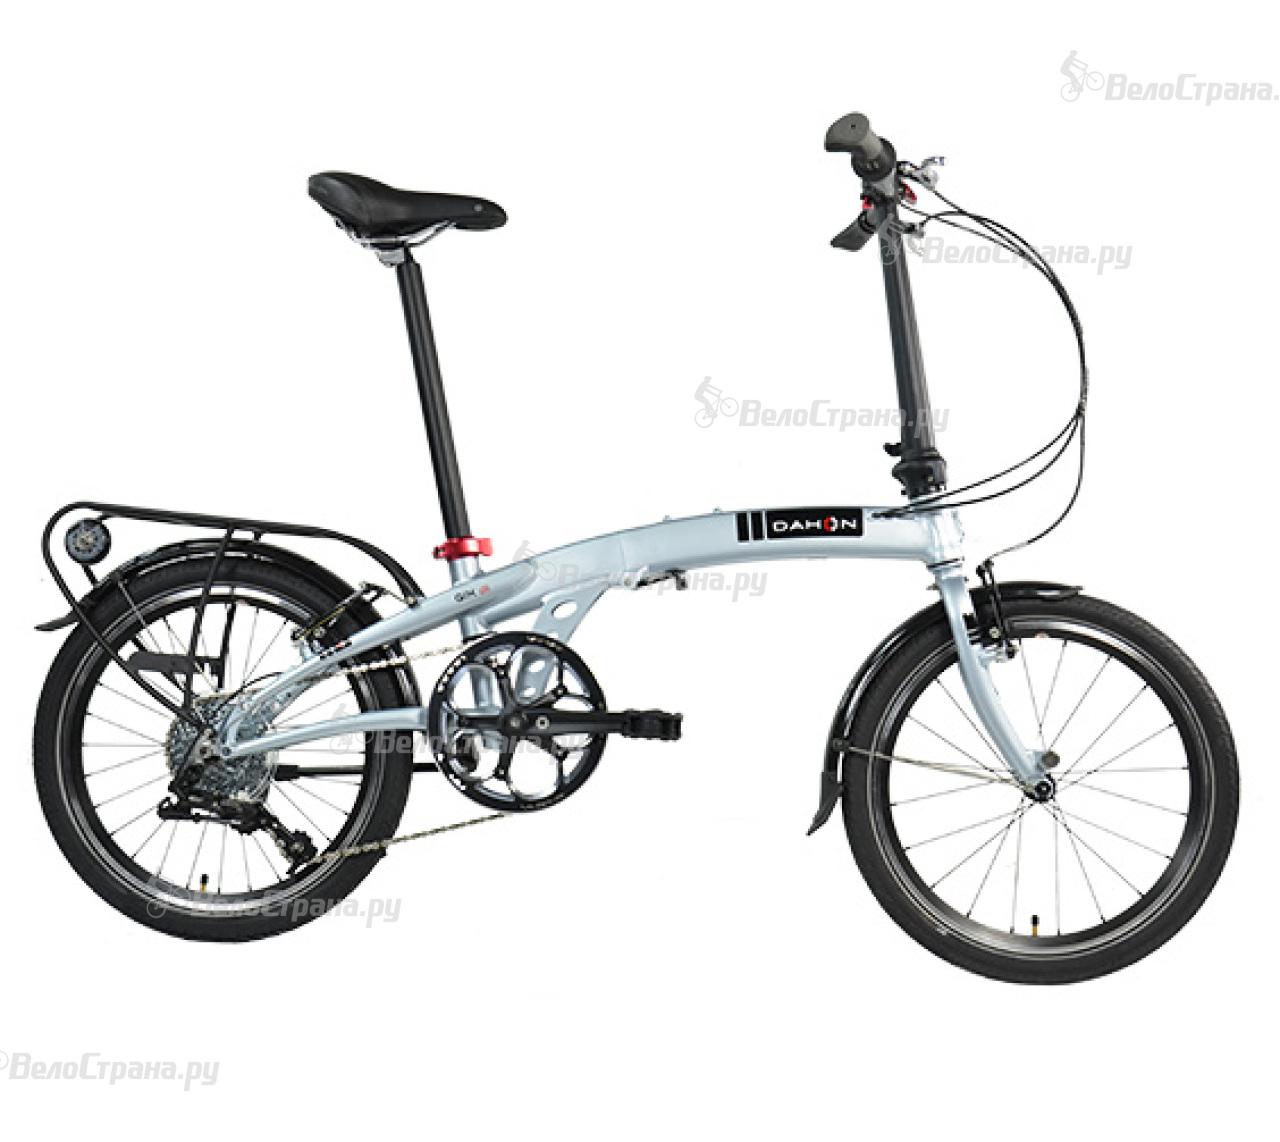 Велосипед Dahon Qix D8 (2017) велосипед dahon briza d8 2016